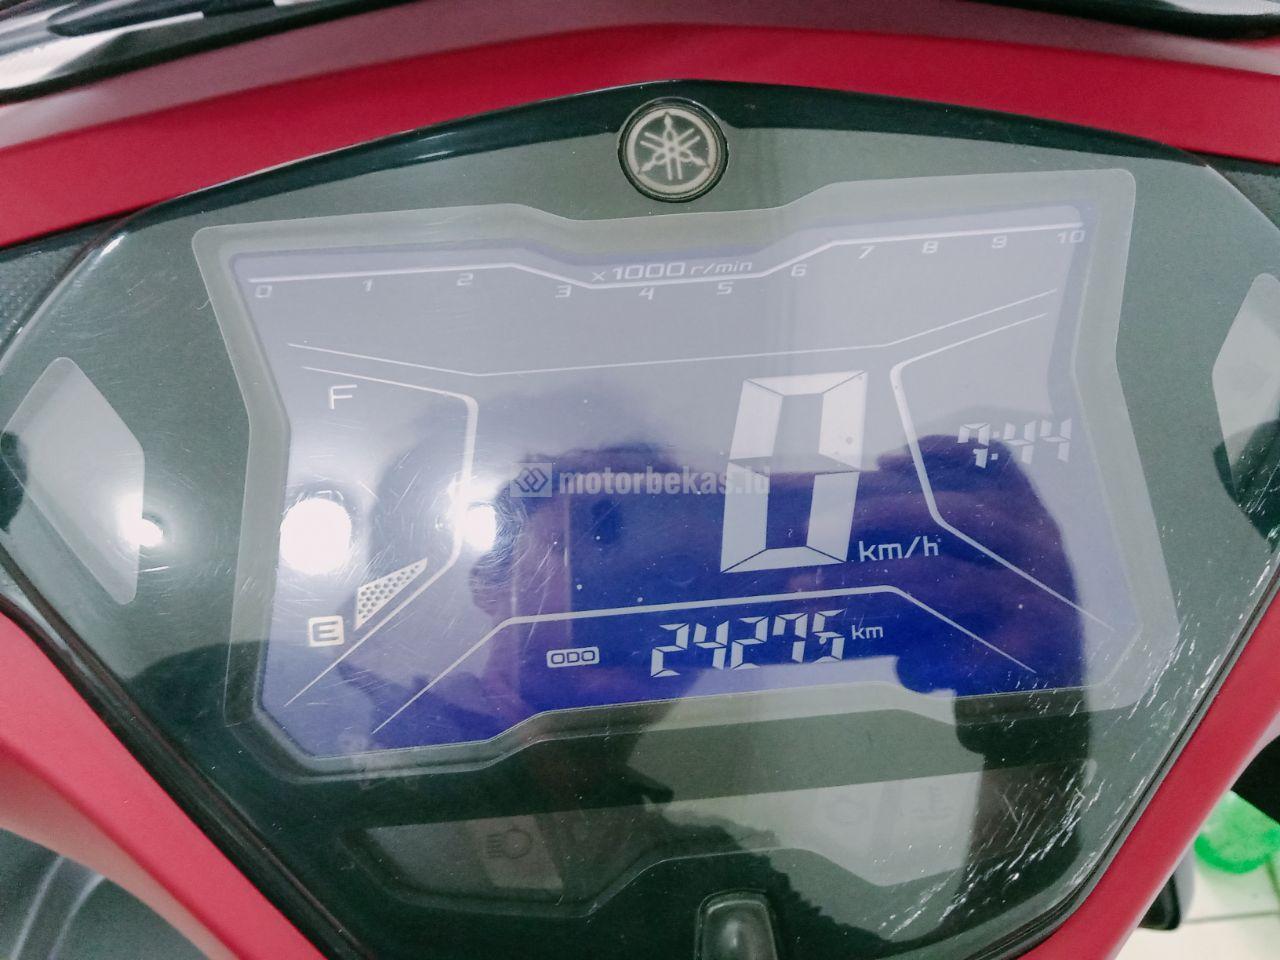 YAMAHA AEROX 155 FI 1749 motorbekas.id